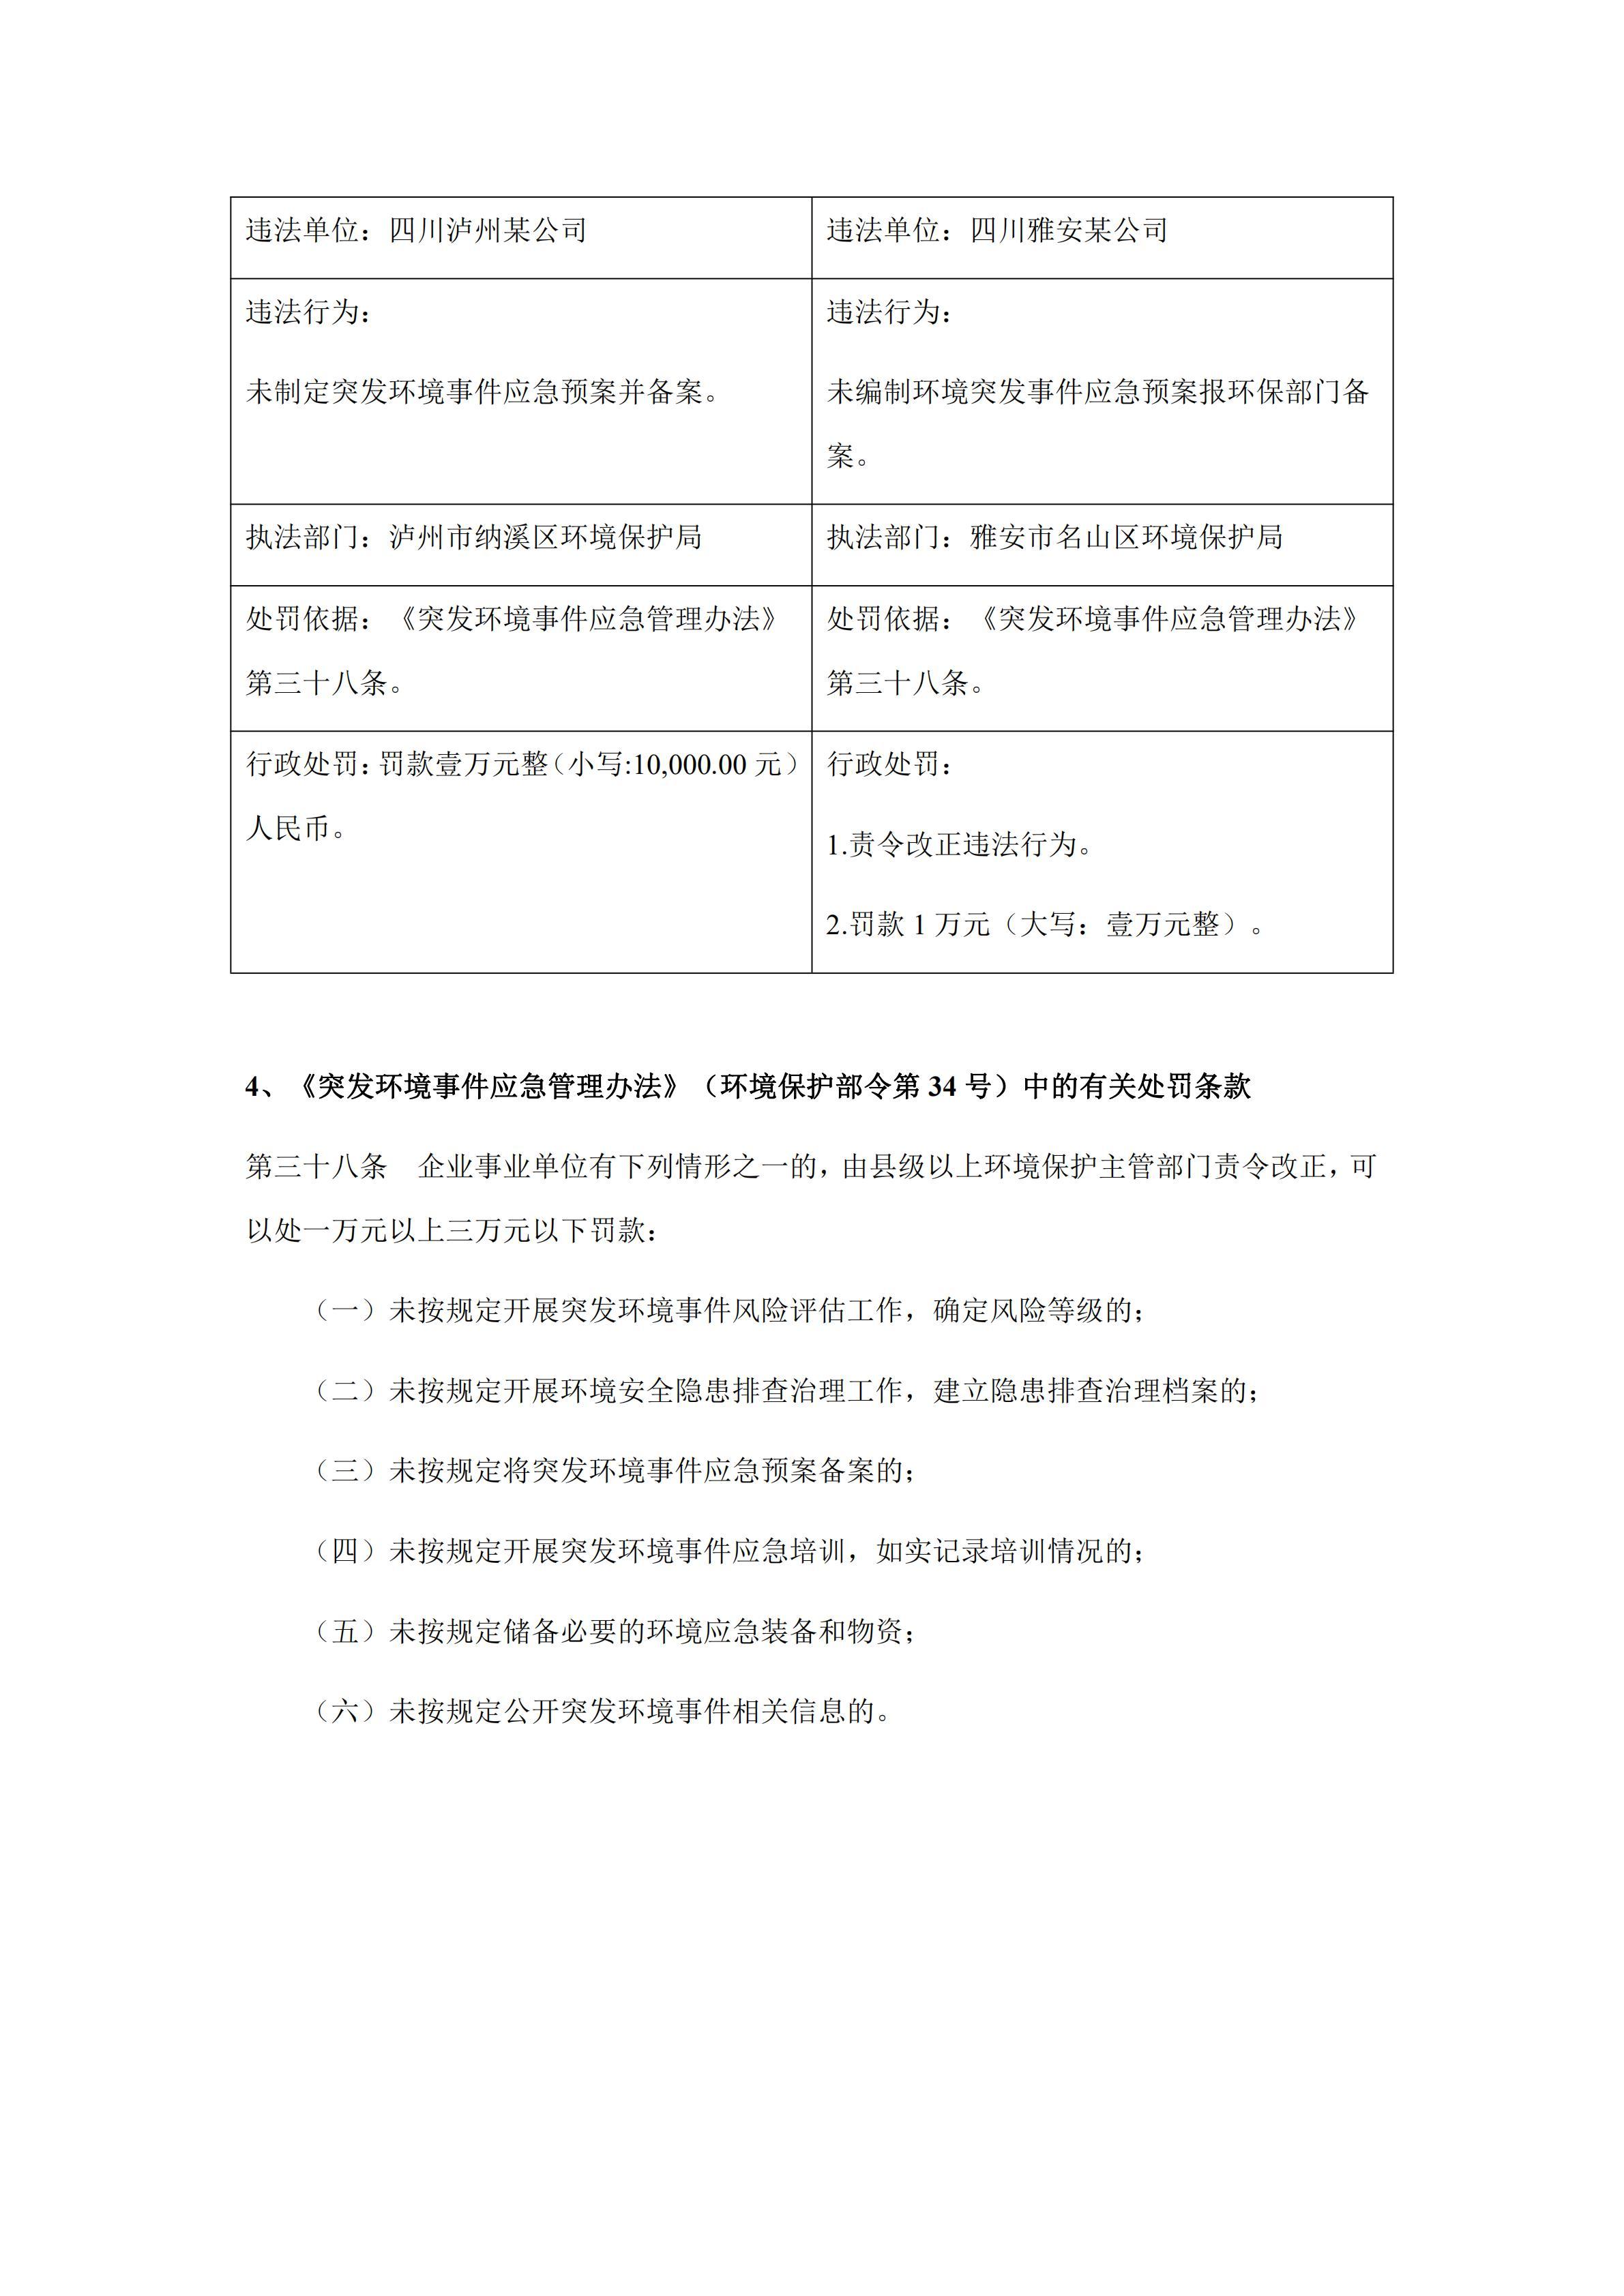 网站-环评及验收预案合并_07.png